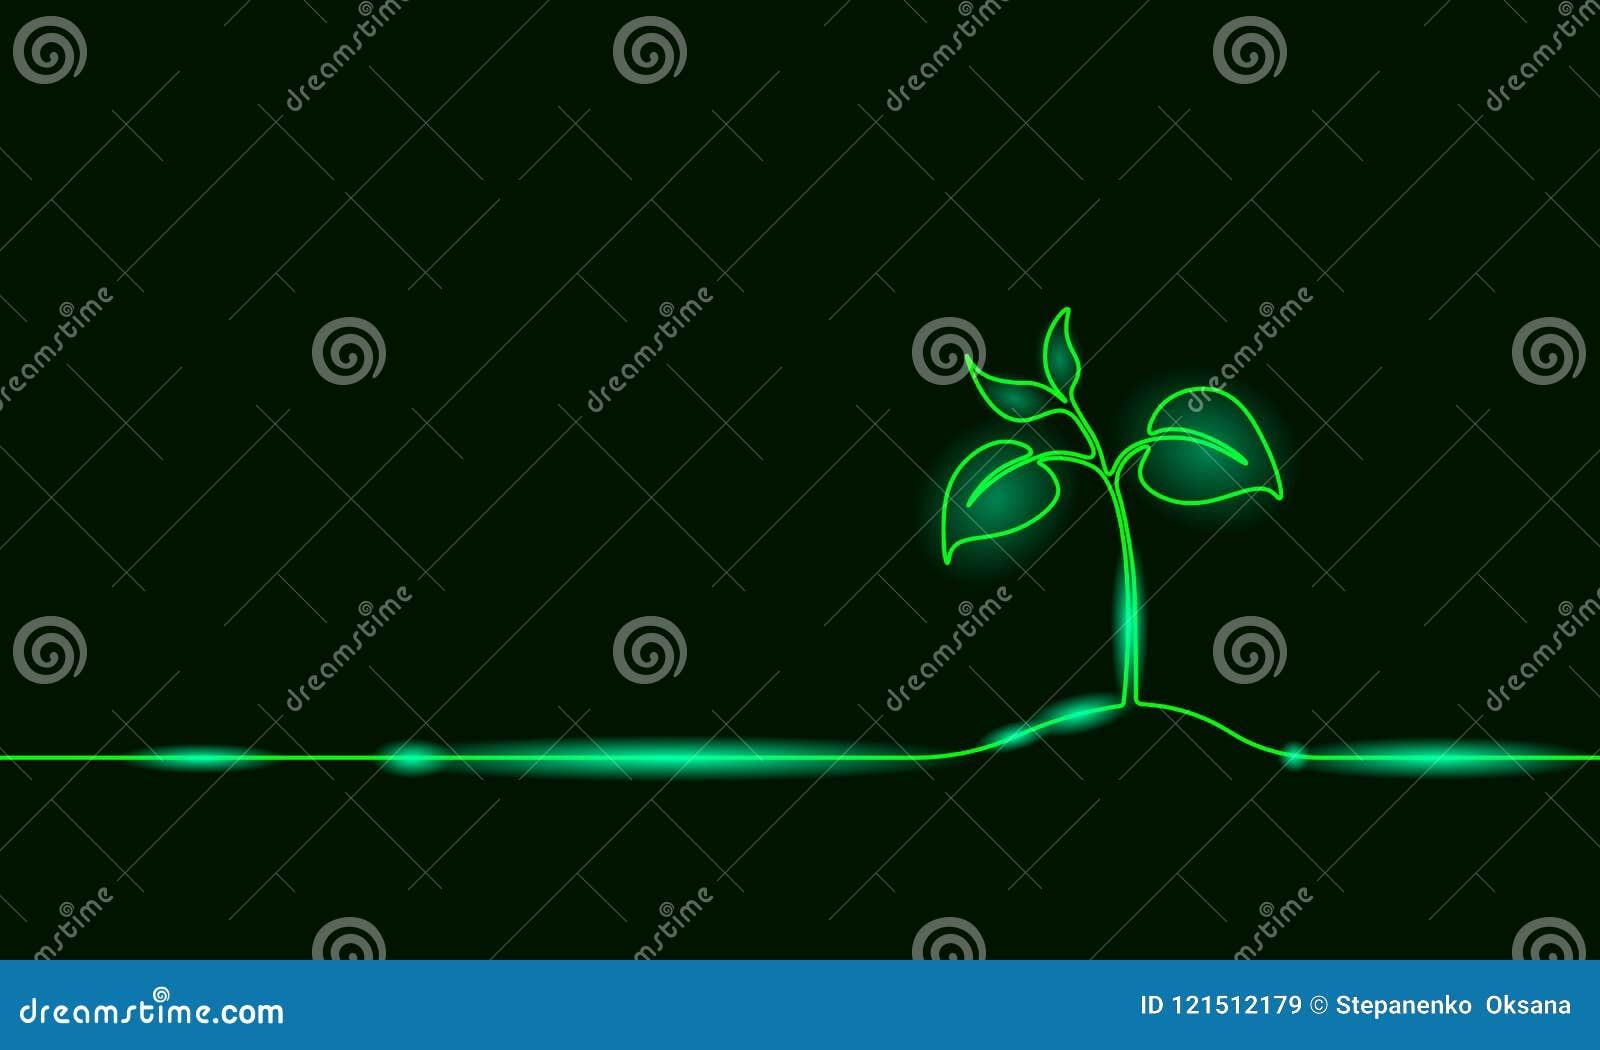 Singola linea continua germoglio crescente di arte Il seme delle foglie della pianta coltiva la progettazione di massima naturale